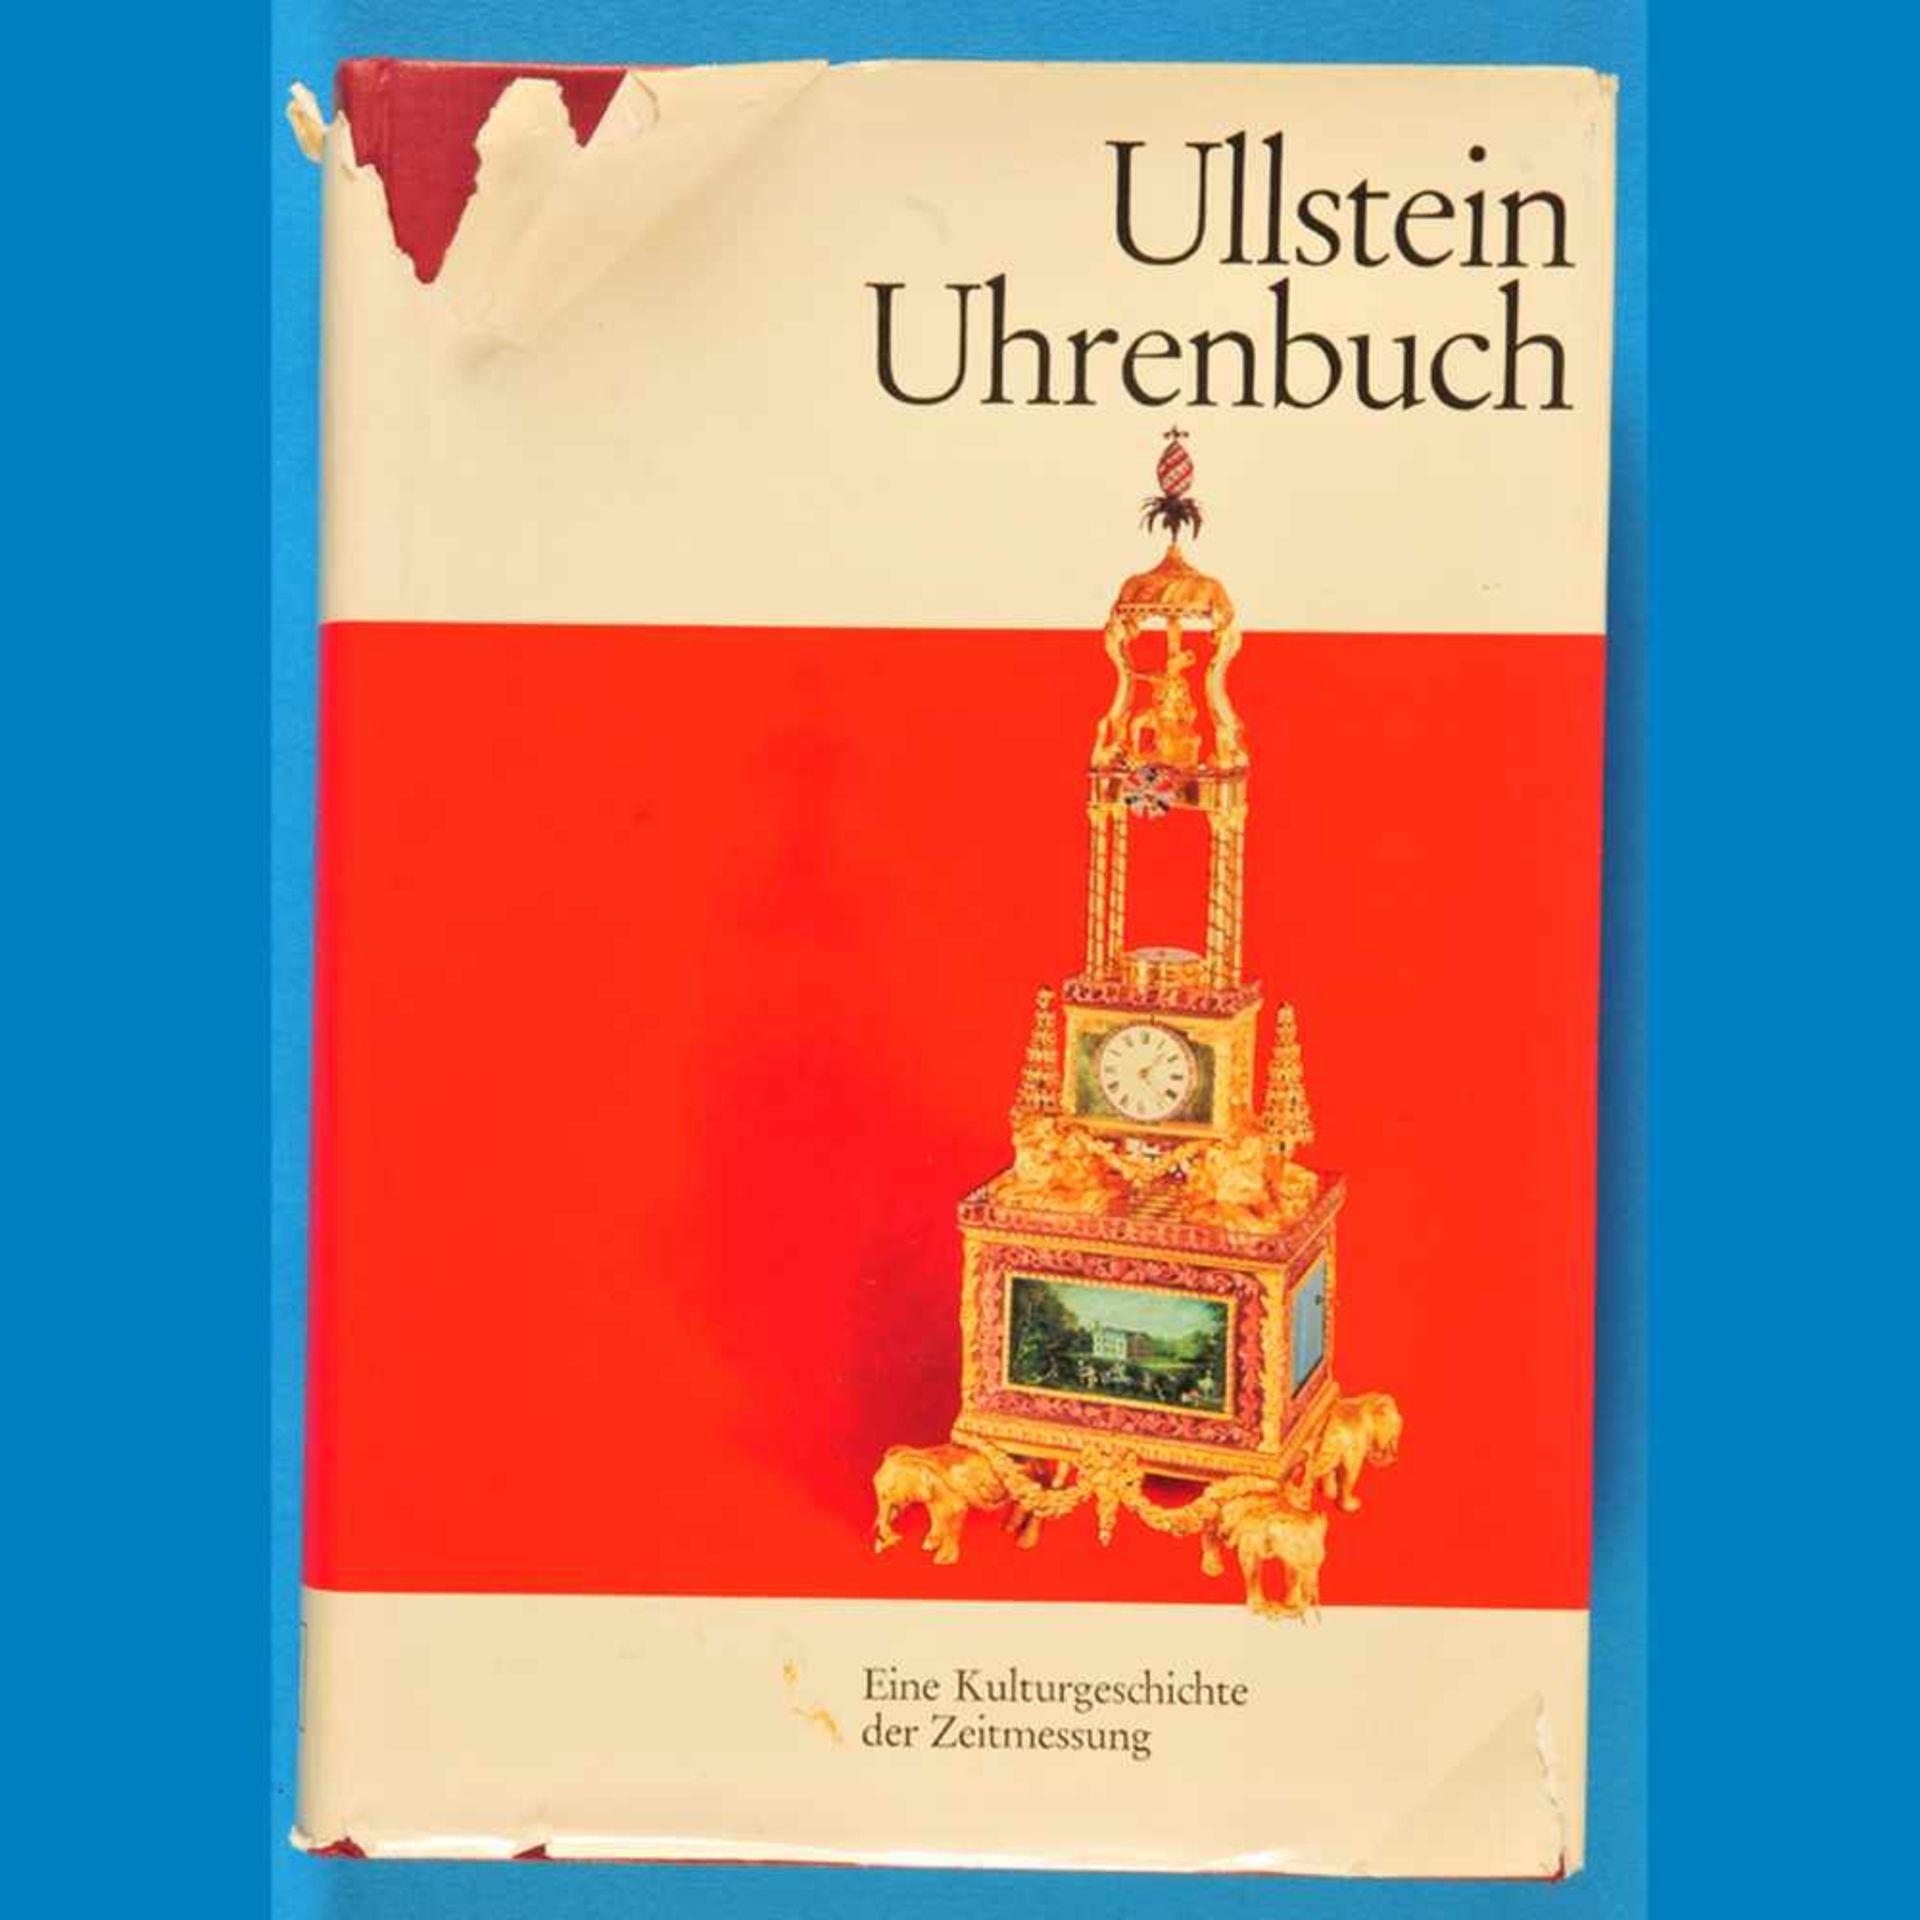 Jürgen Abeler, Ullstein Uhrenbuch - Eine Kulturgeschichte der Zeitmessung, 1975Jürgen Abele